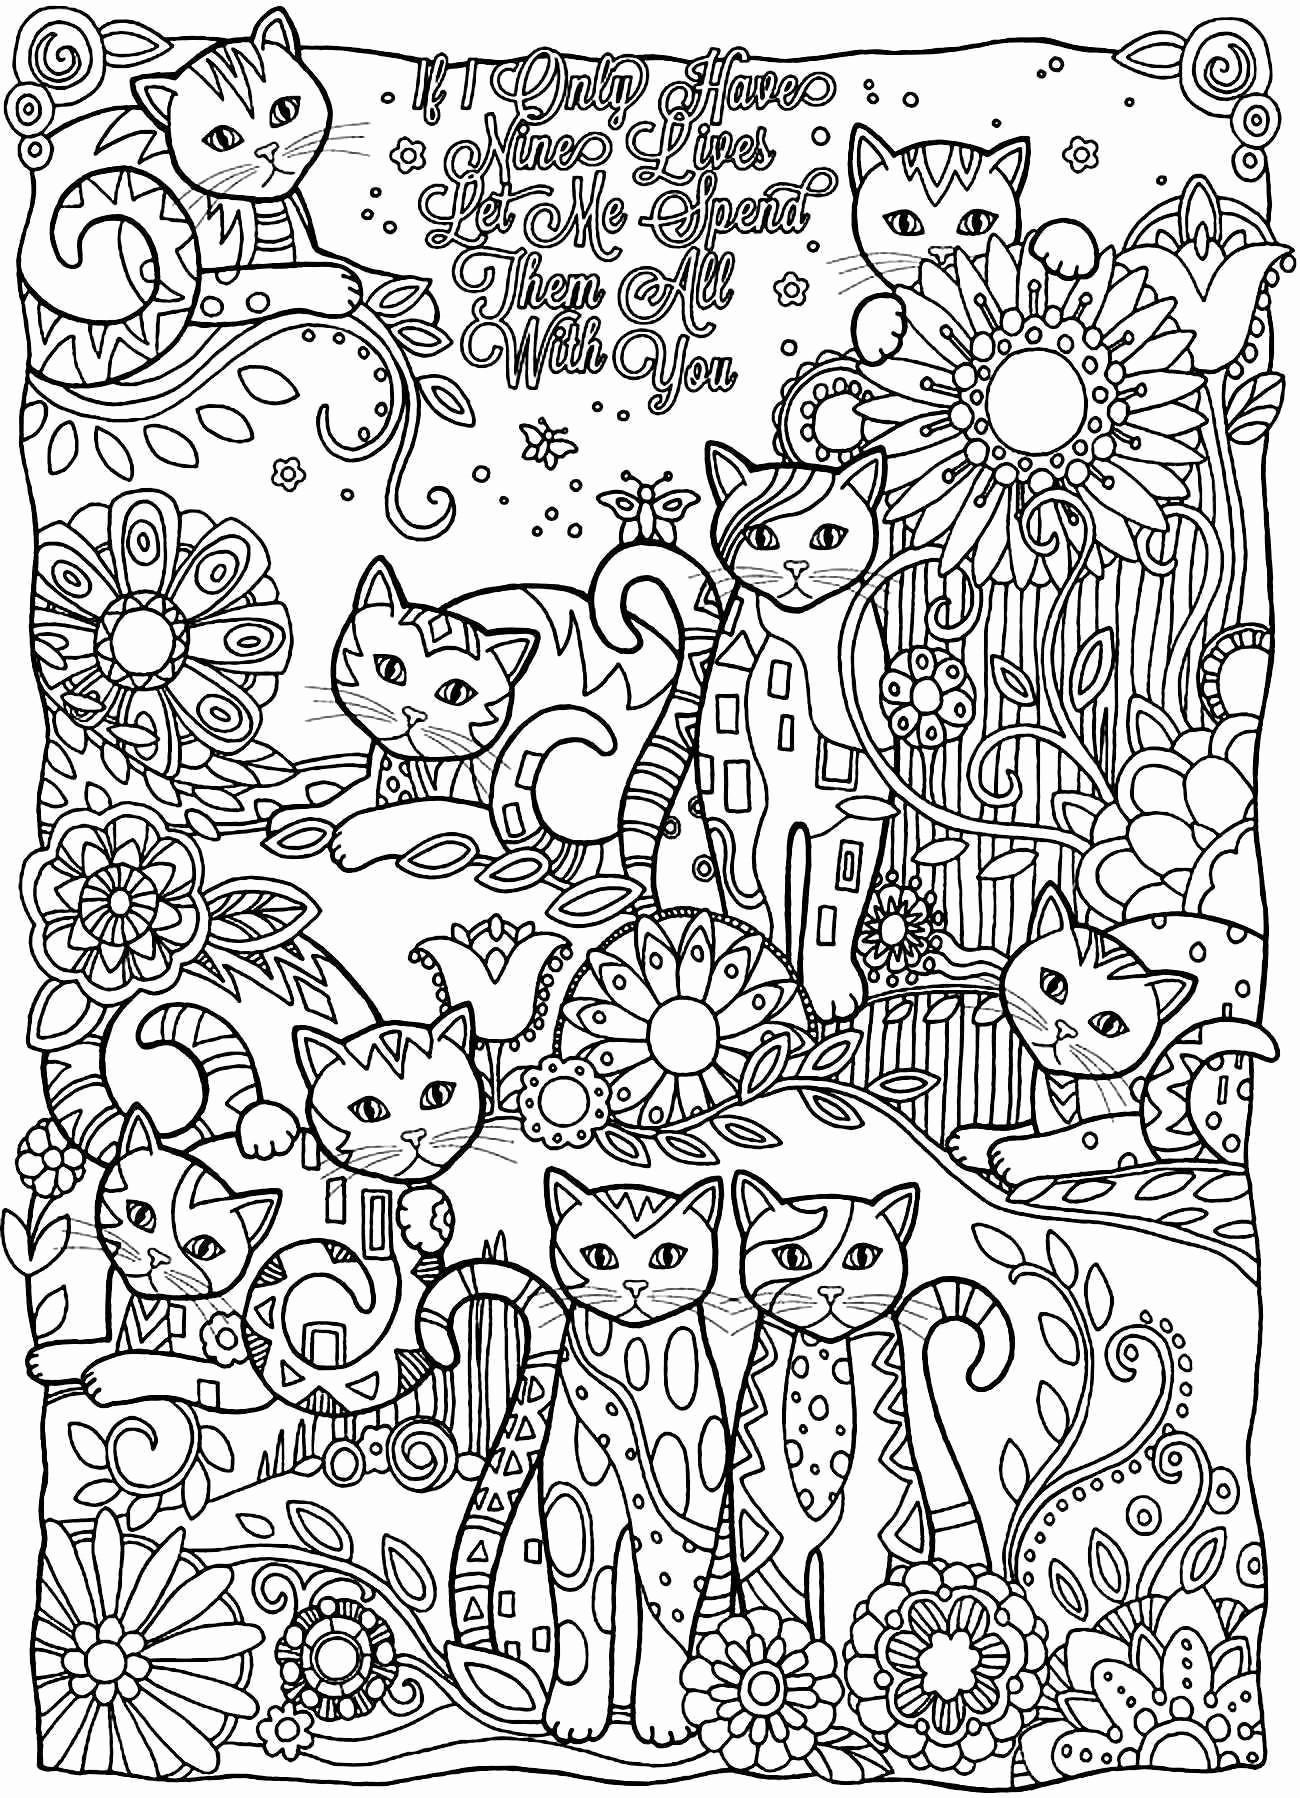 Micky Maus Wunderhaus Ausmalbilder Genial 57 Schön Galerie Von Micky Maus Zum Ausmalen Bild